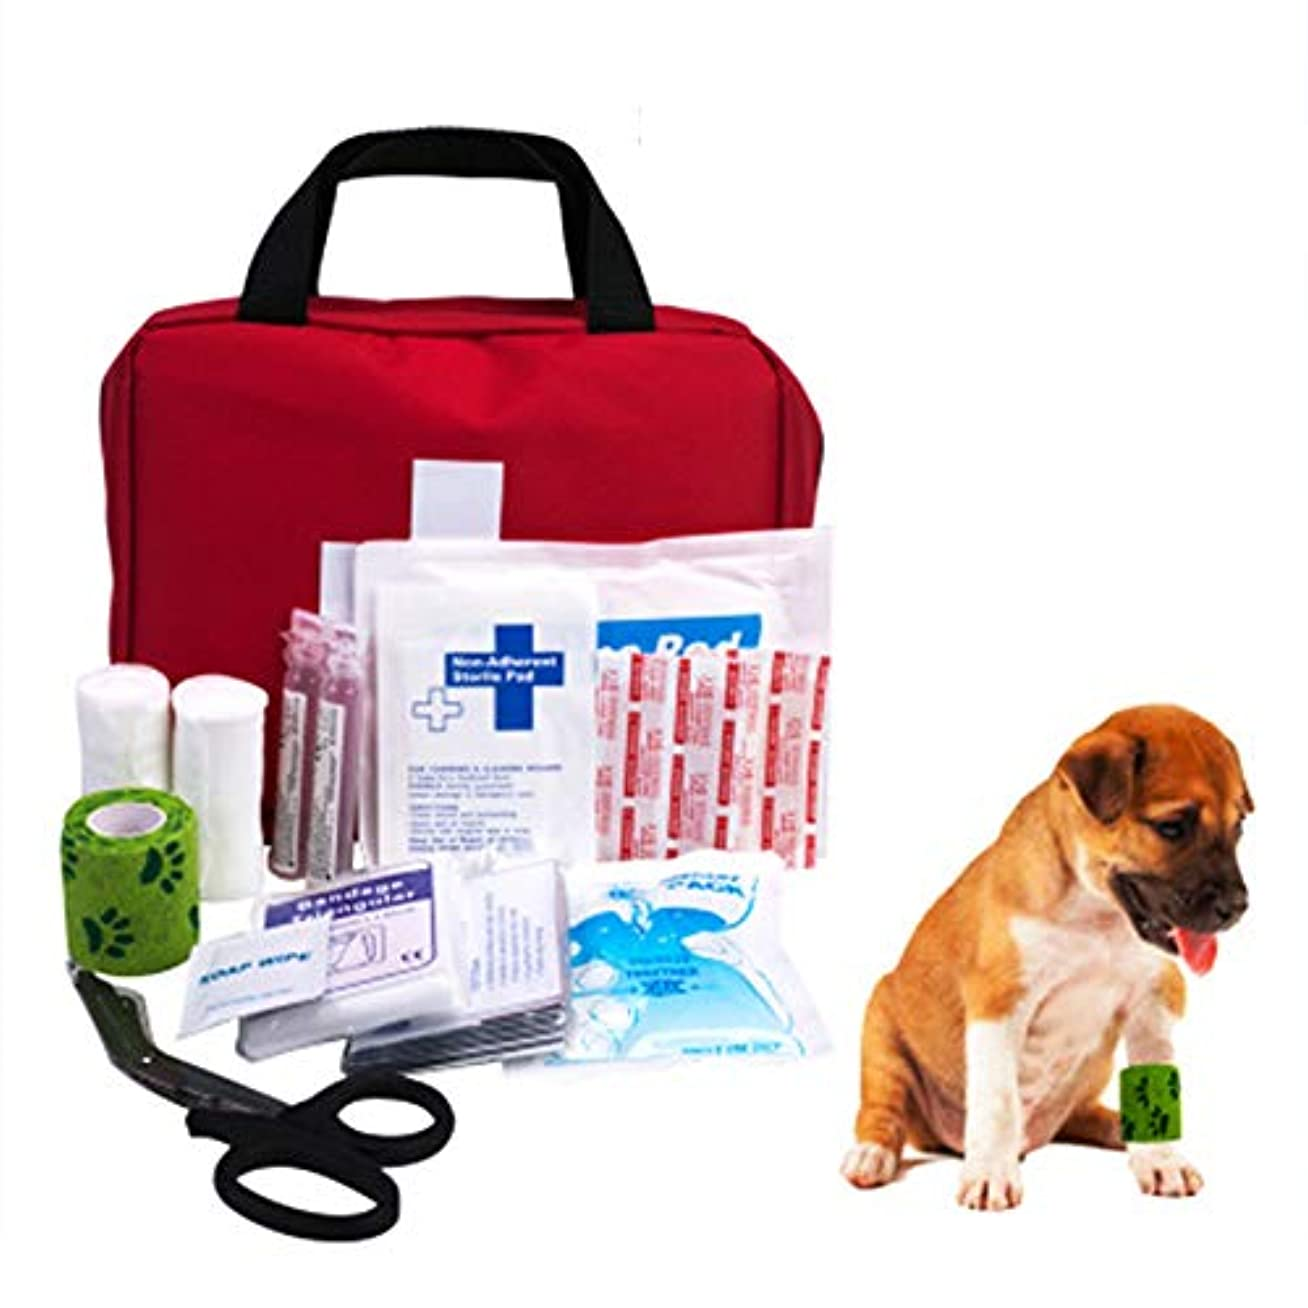 恐怖症うるさいハードウェアプレミアムペット応急処置キット - 安全緊急時安全製品、毎日の犬あなたのペットが事故を起こした場合に備えて注意すること